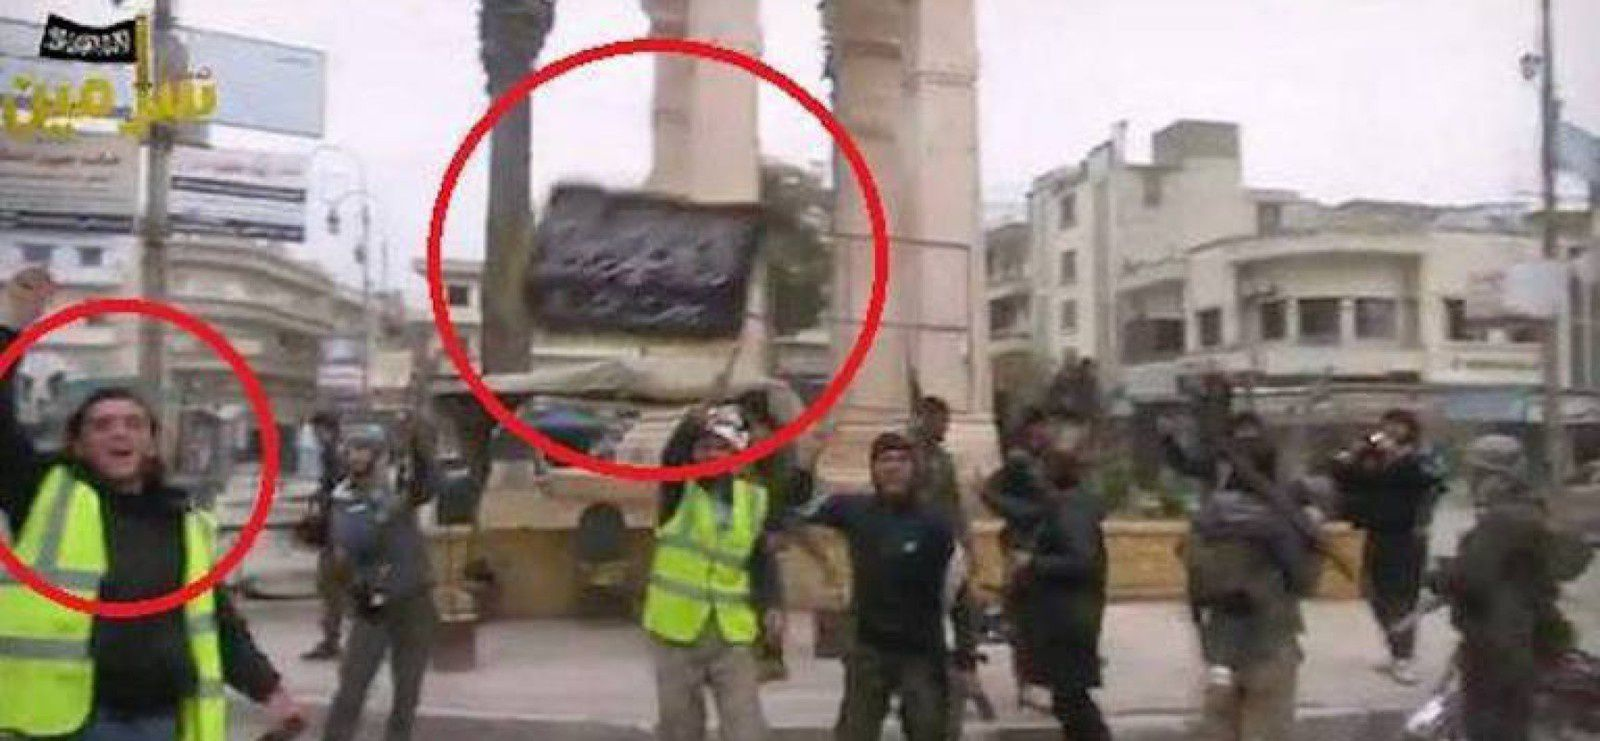 Le Royaume-Uni prêt à fournir à Al-Qaïda des frappes aériennes pour soutenir un autre false flag «d'armes chimiques» de Assad (The Duran)